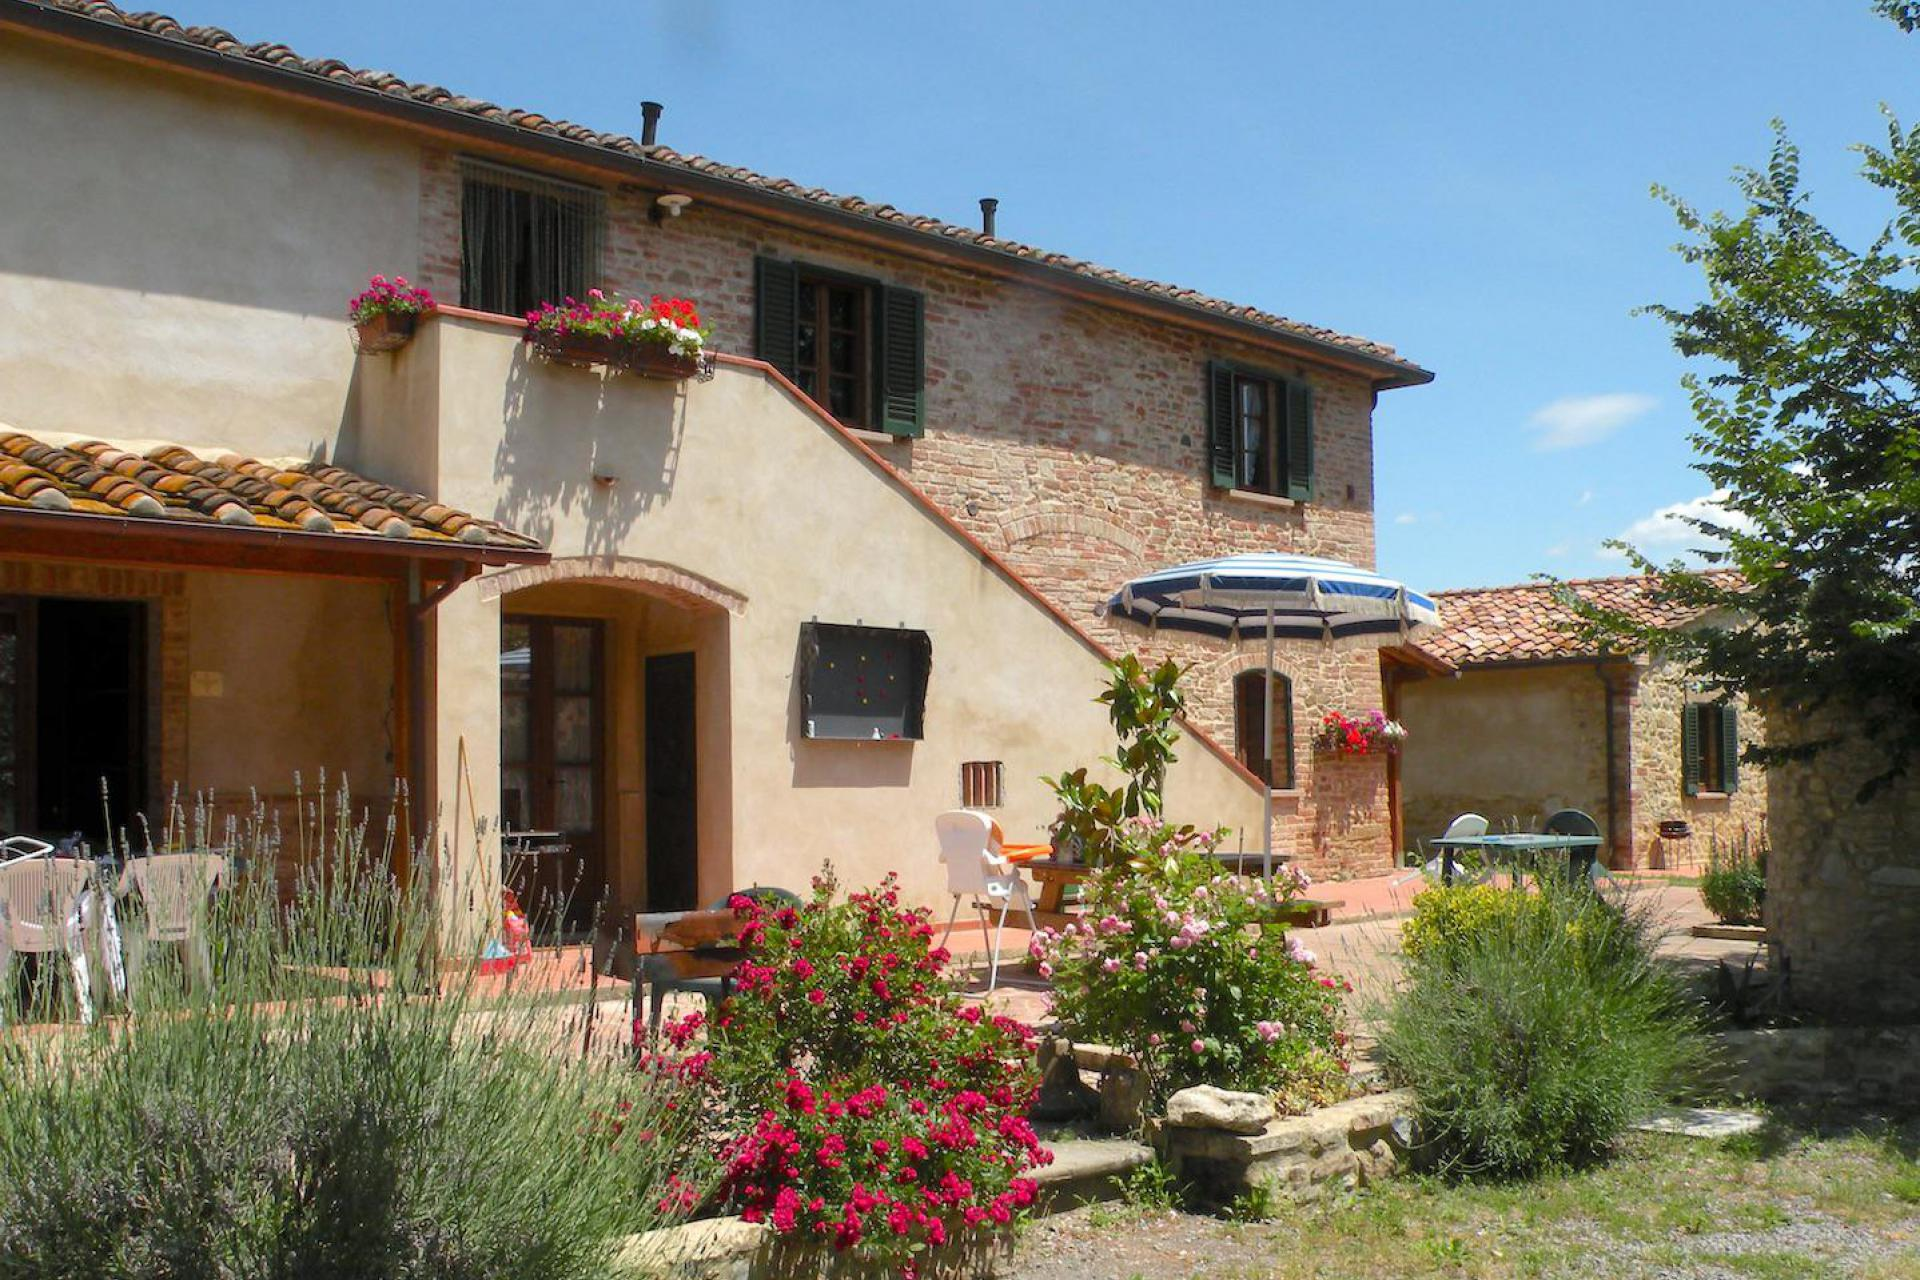 Agriturismo Toscane Klassieke agriturismo in Toscane met geweldig uitzicht